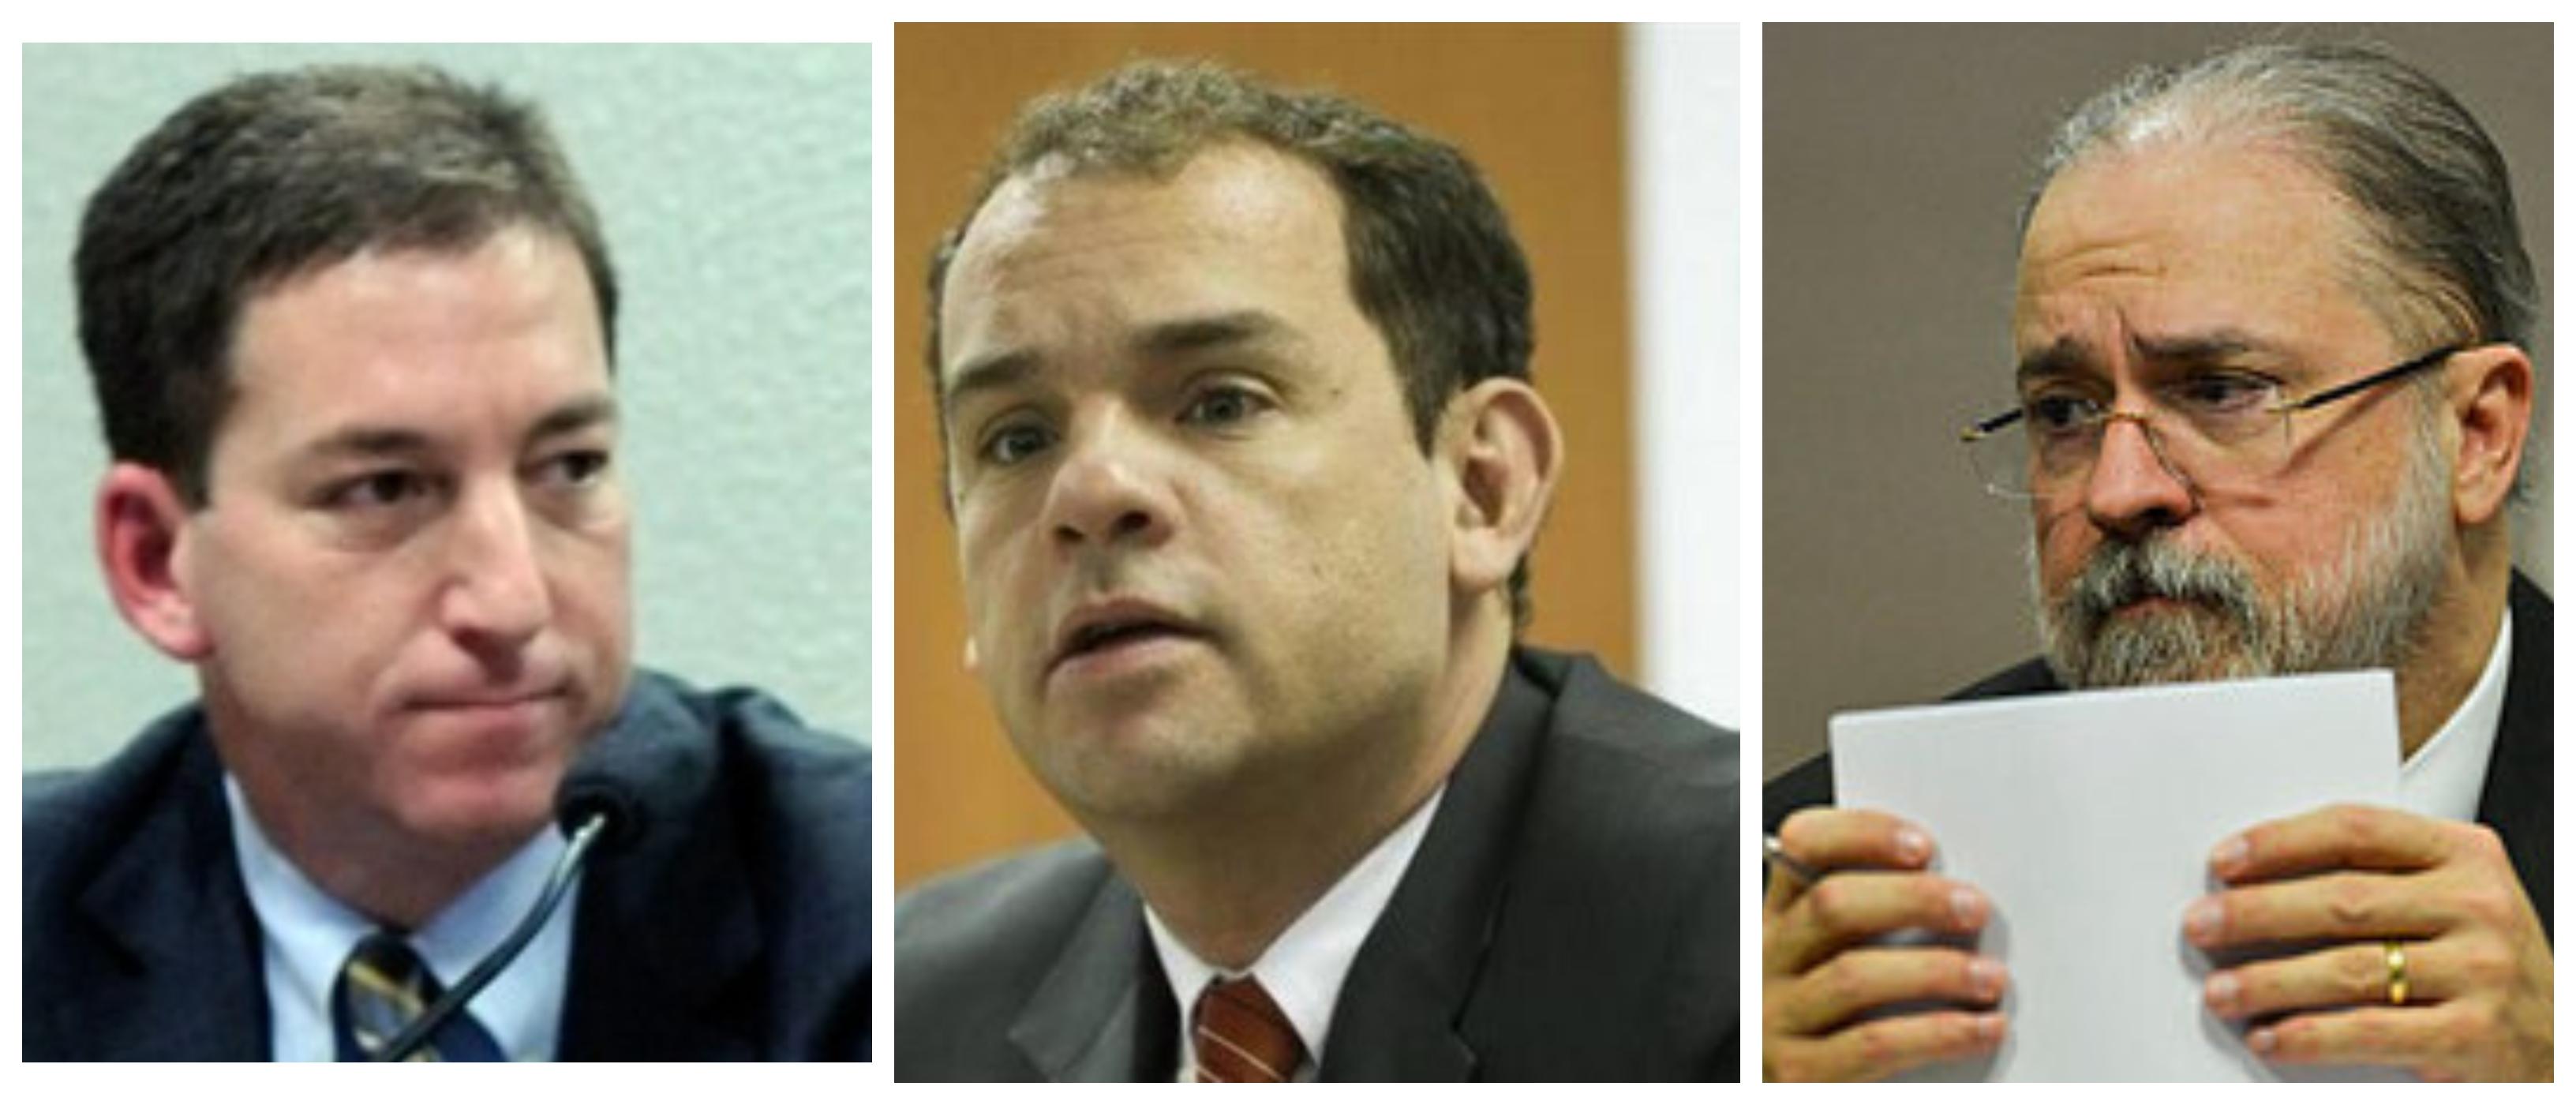 Juristas pela Democracia entram com ação contra procurador que denunciou Glenn: Abuso de autoridade; desvio conduta inaceitável